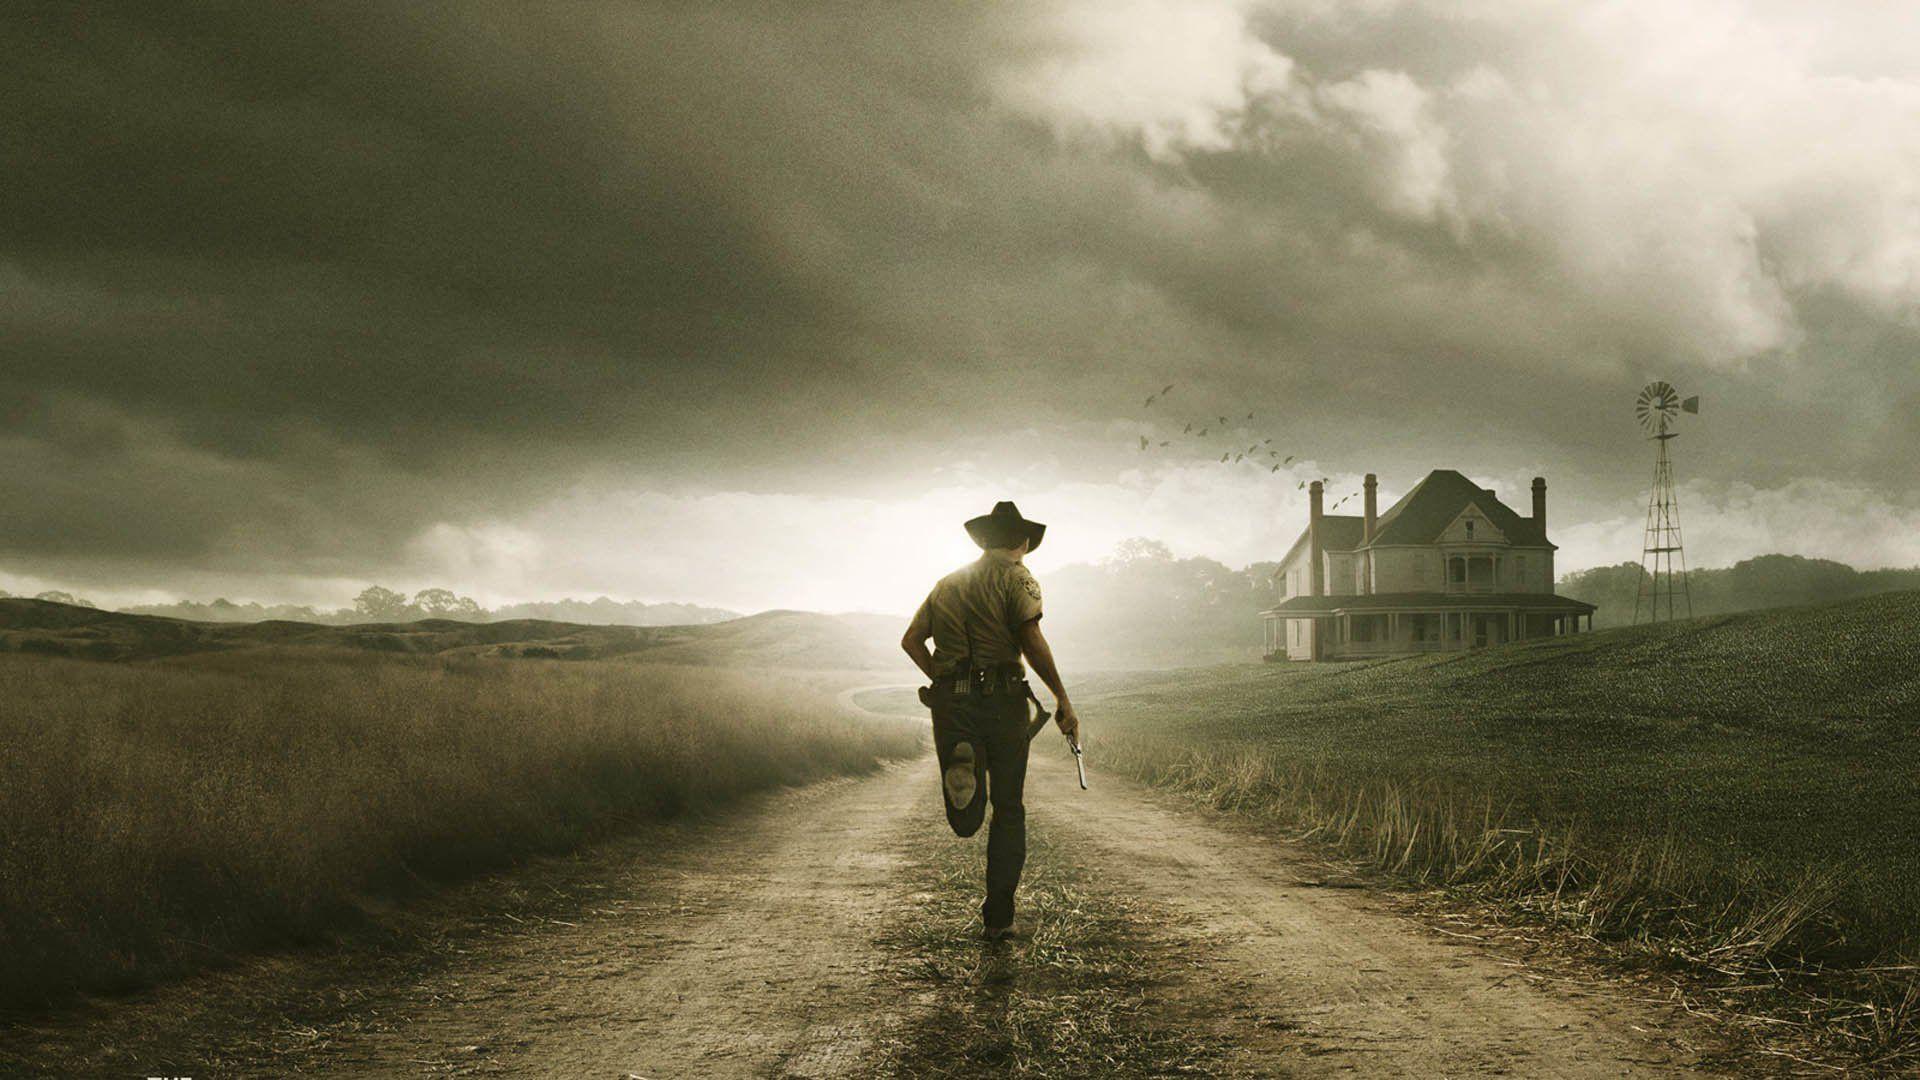 Download 1920x1080 The Walking Dead Rick Grimes Wallpaper